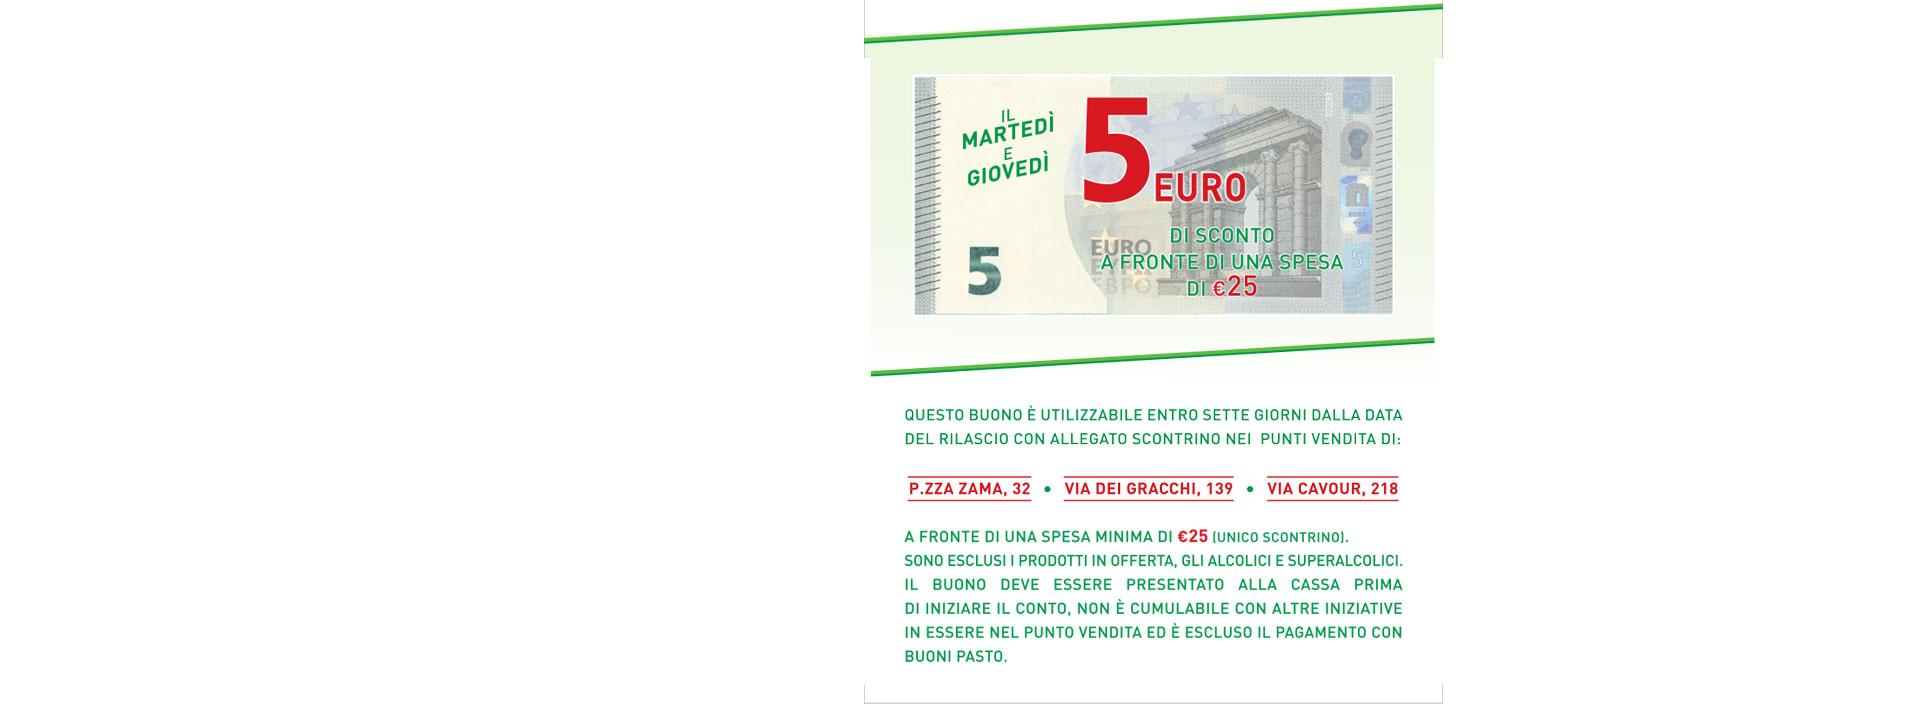 Buono Sconto di 5 Euro Pam e Metà